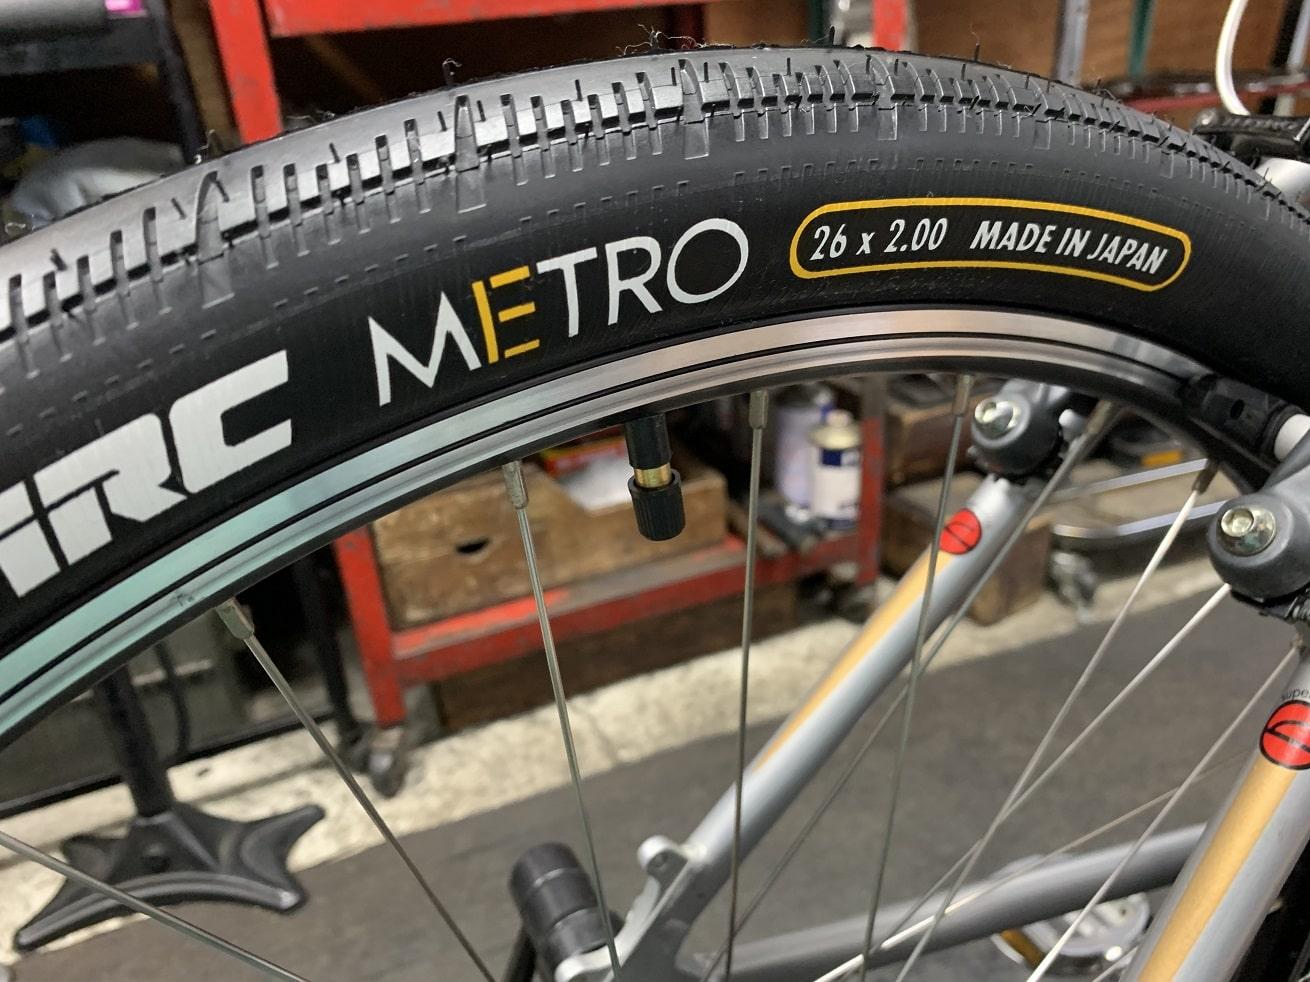 サイクルクリーニング後のコメンサルマウンテンバイクのメトロタイヤ交換